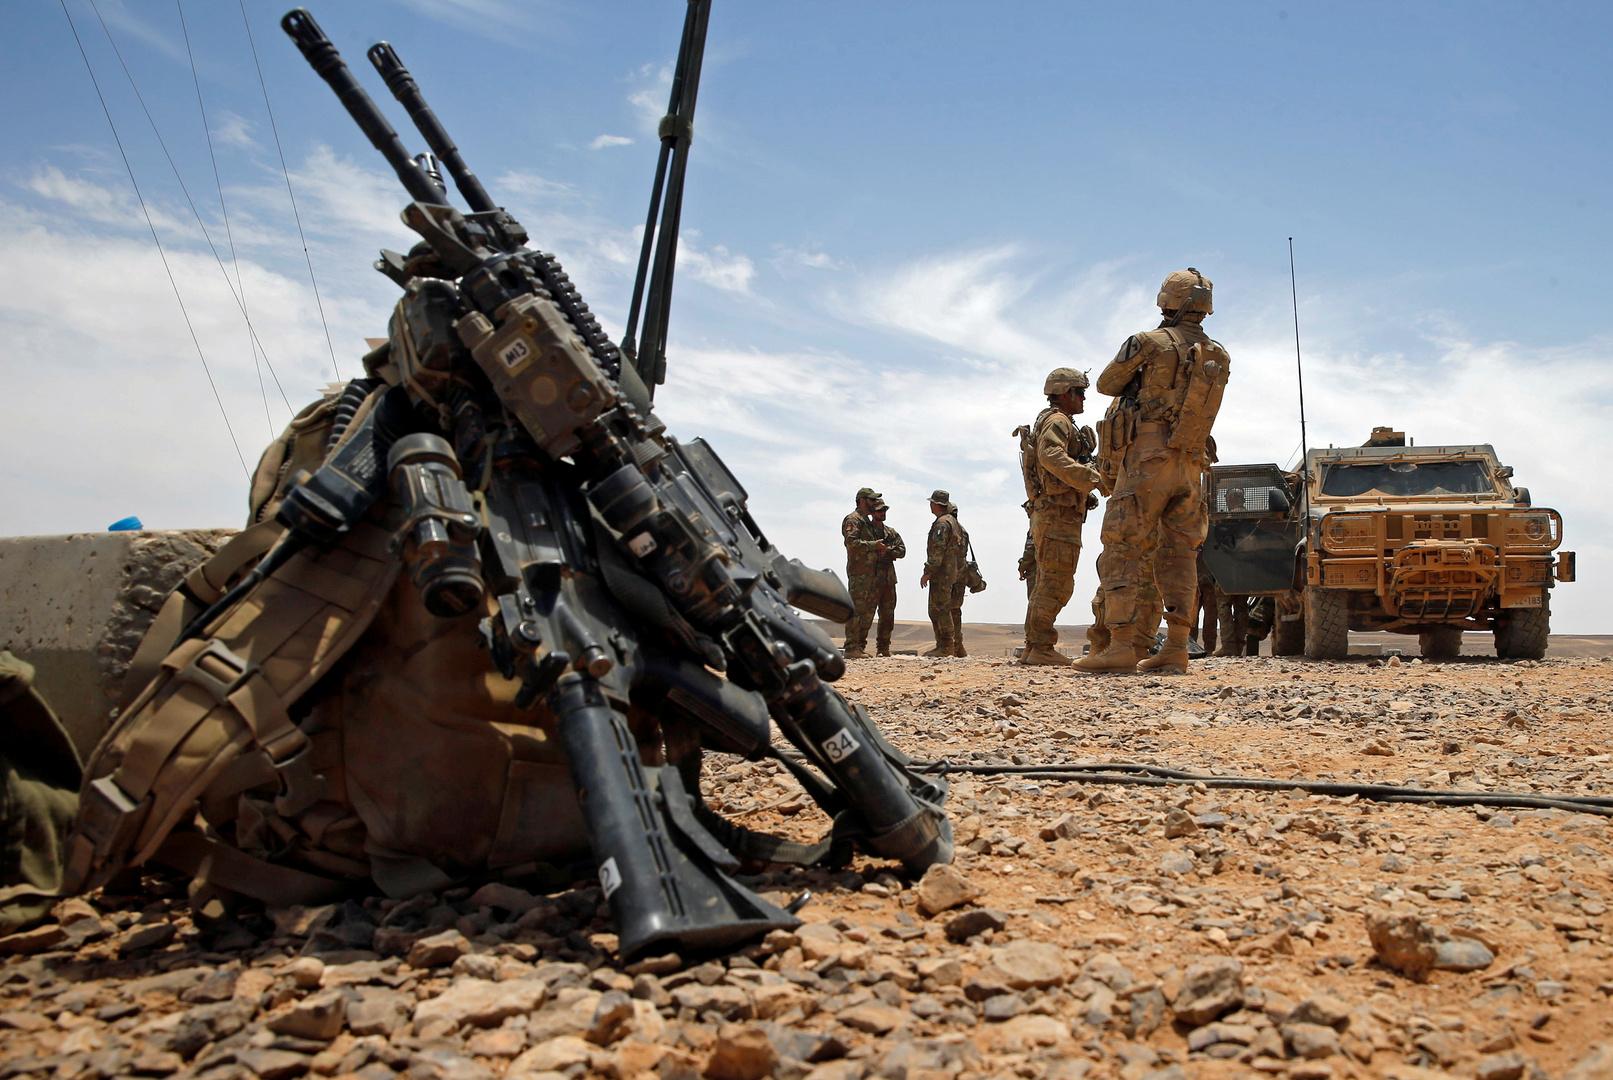 جنود أمريكيون أثناء تدريب عسكري على الحدود بين الأردن والسعودية